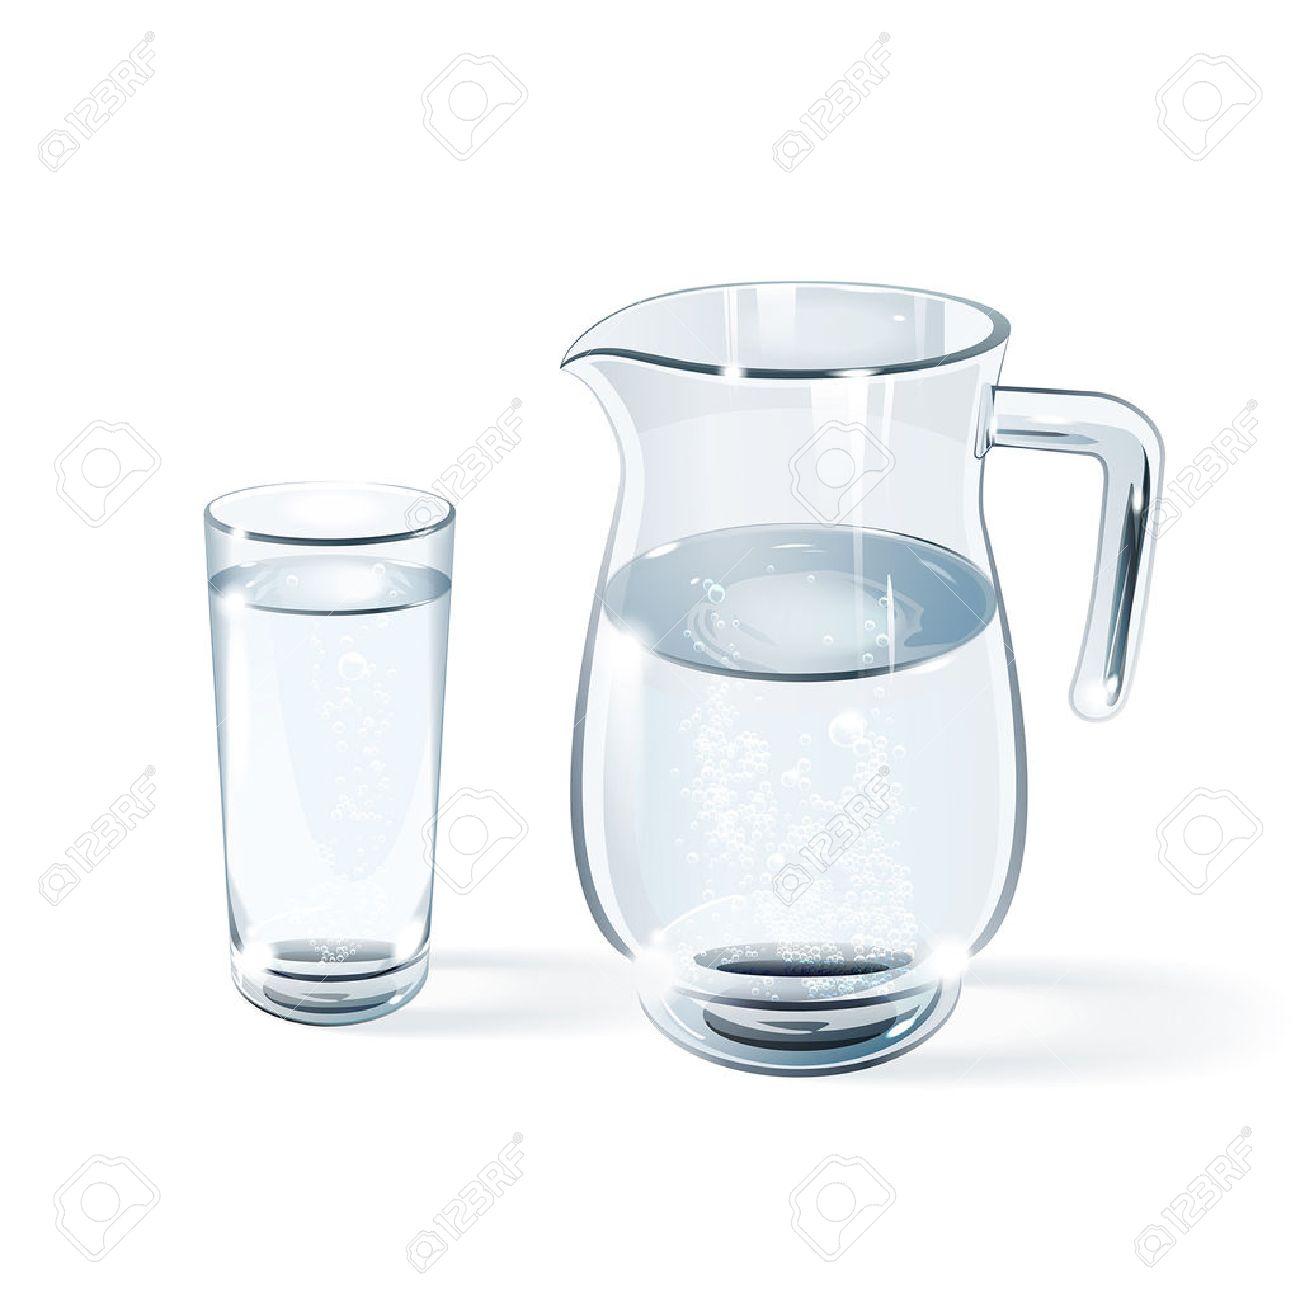 vaso de agua y la jarra de vidrio sobre un fondo blanco foto de archivo